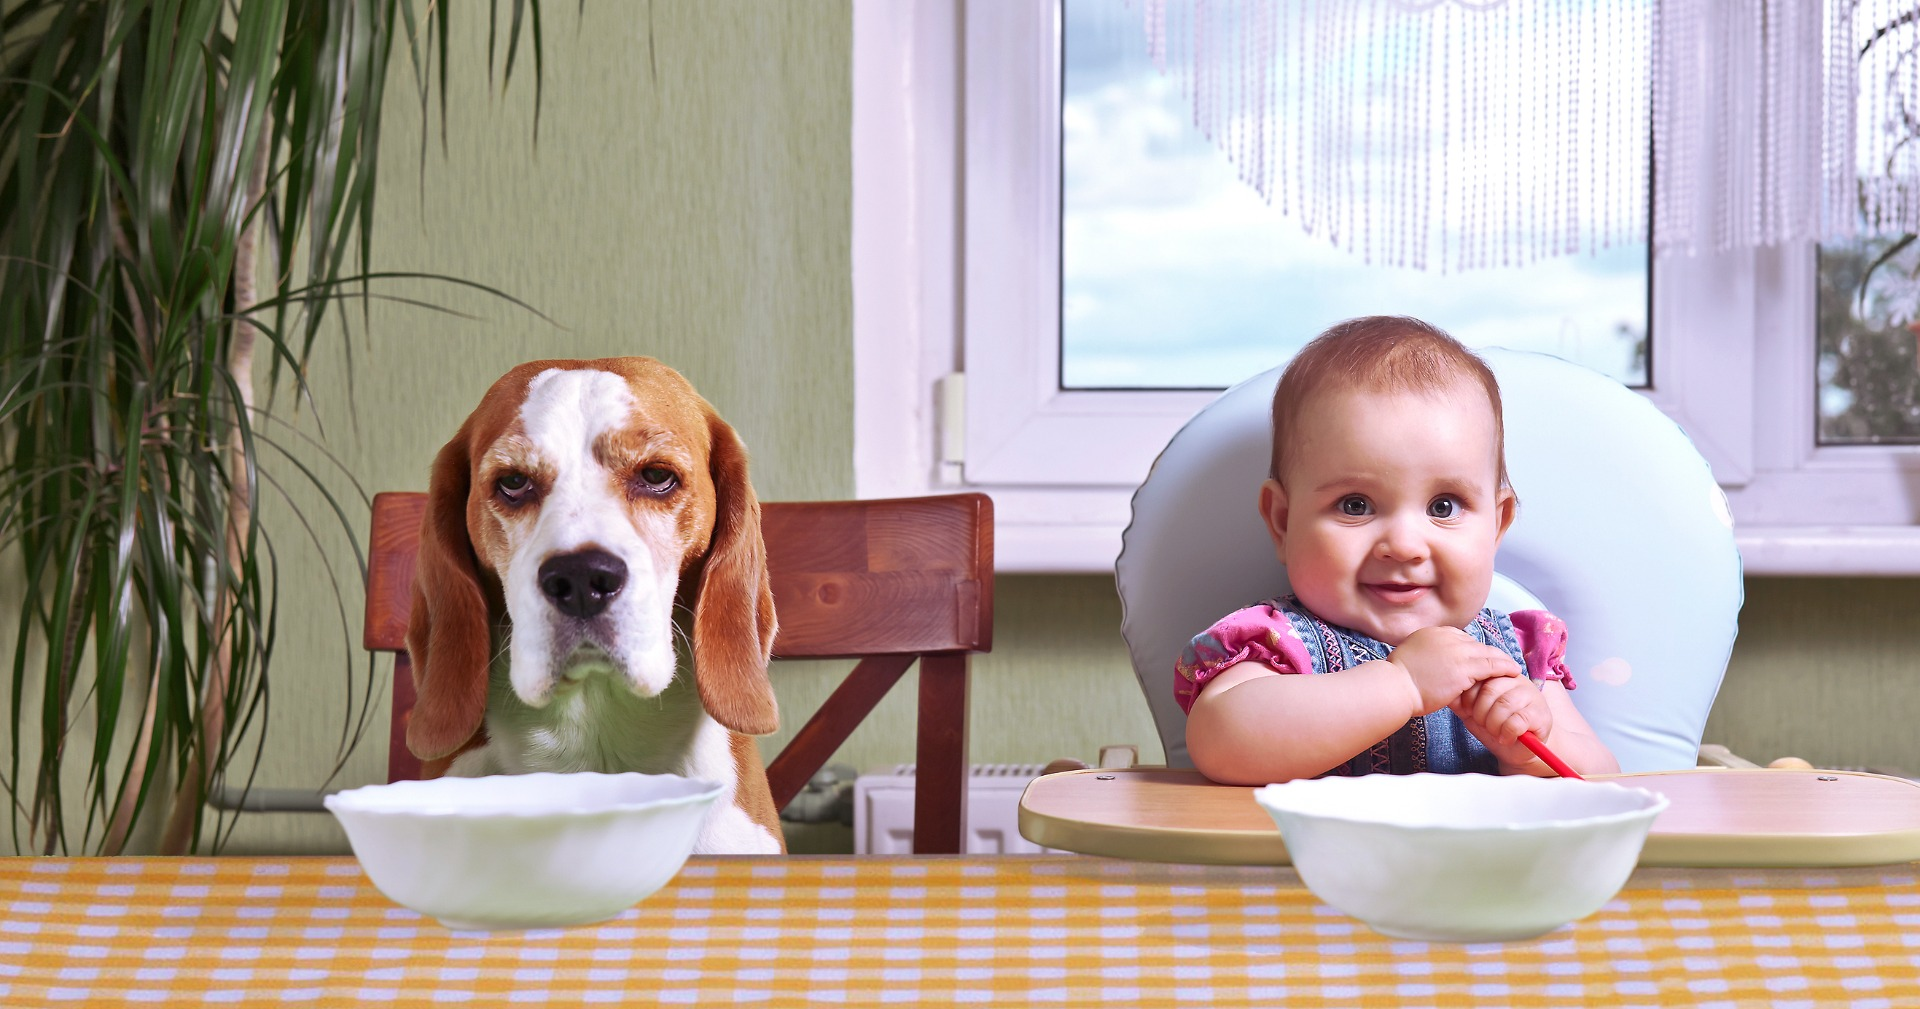 Test jezelf: wat is de ideale tafelbeschermer voor jou?